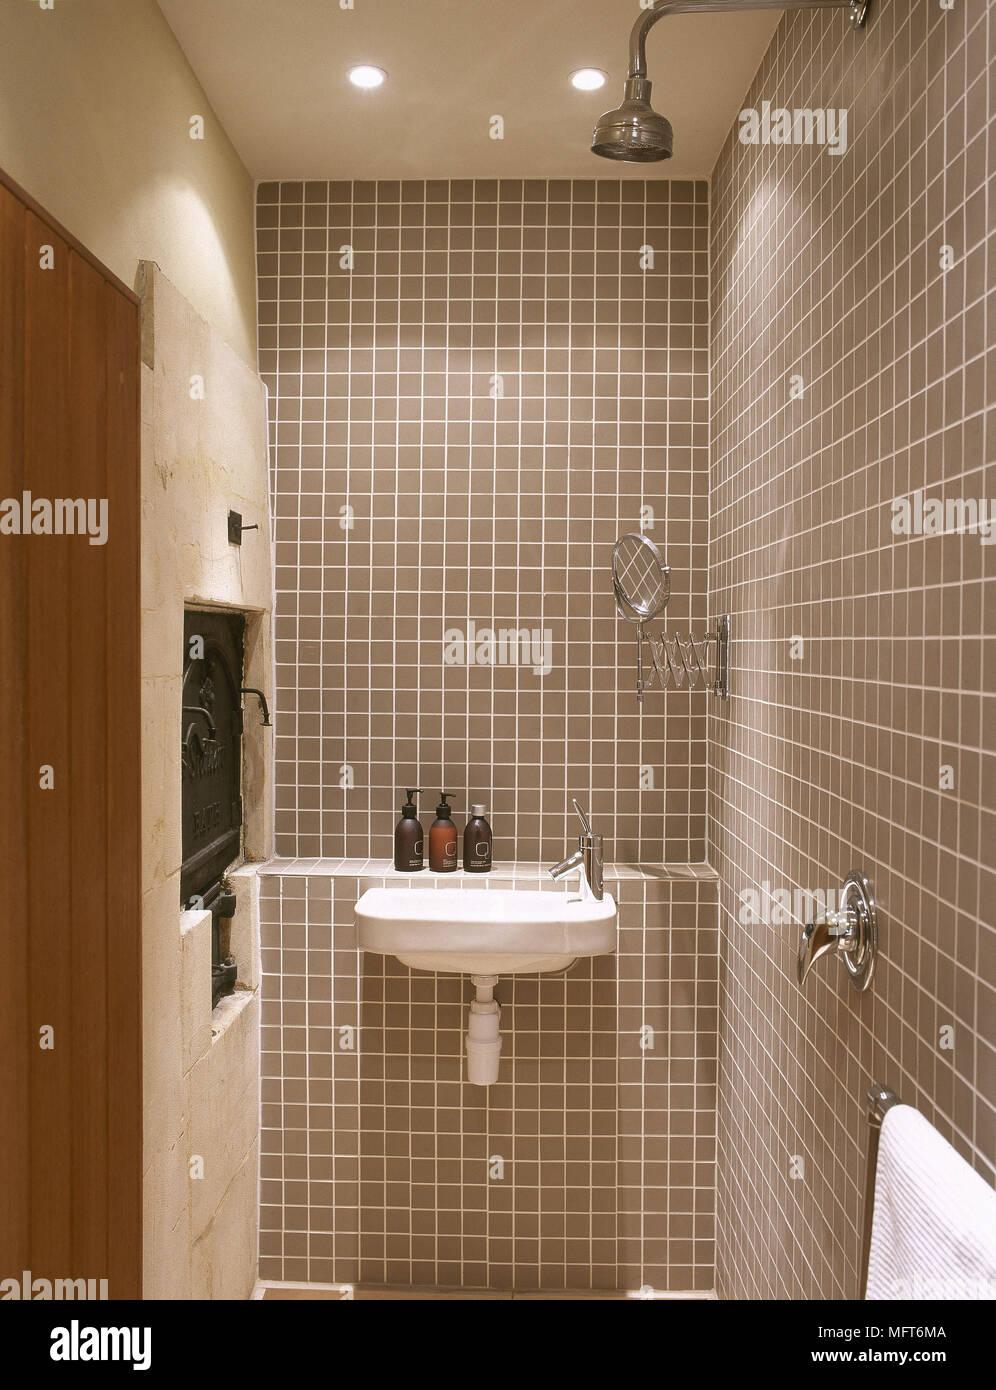 An der Wand montierte Waschbecken und Dusche im Badezimmer Stockfoto ...